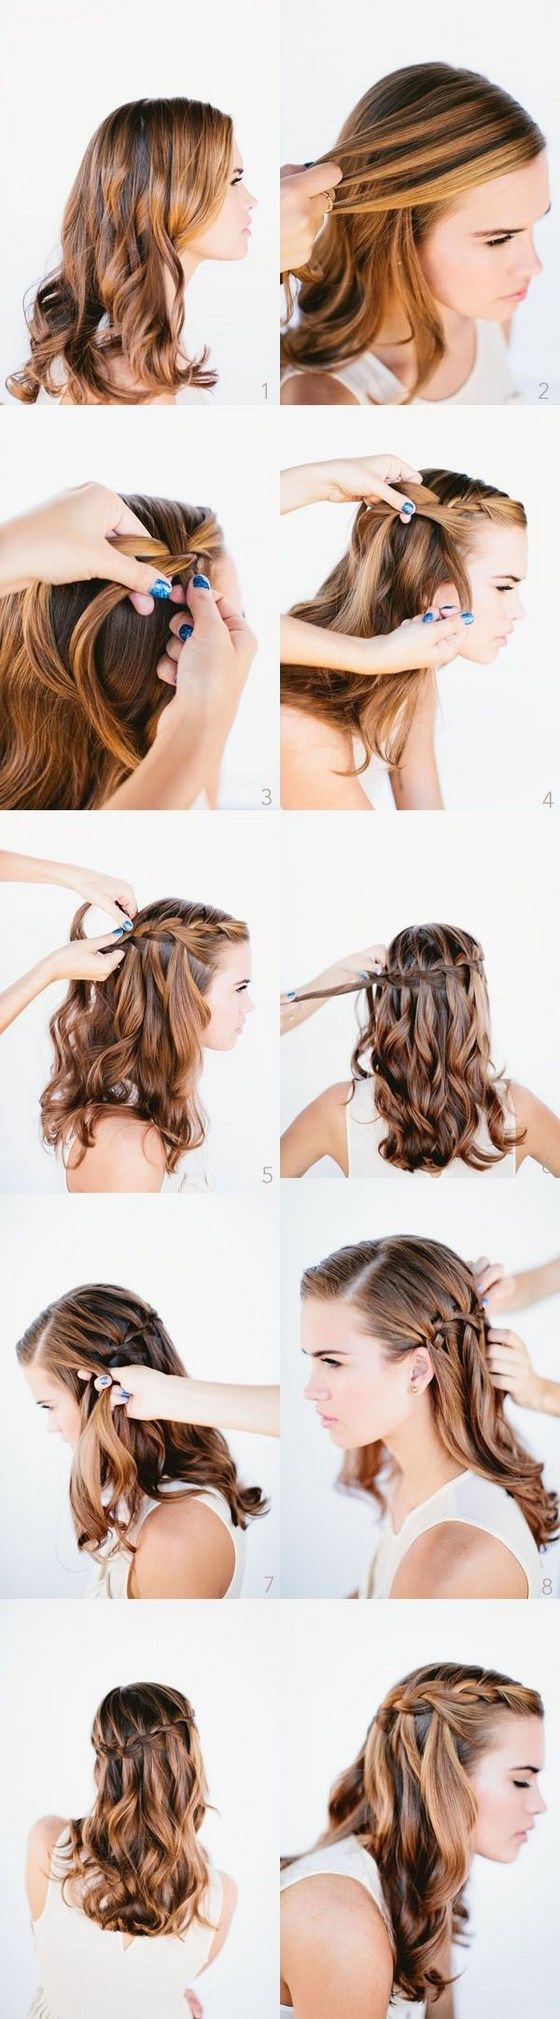 Причёски с косами на длинные волосы своими руками